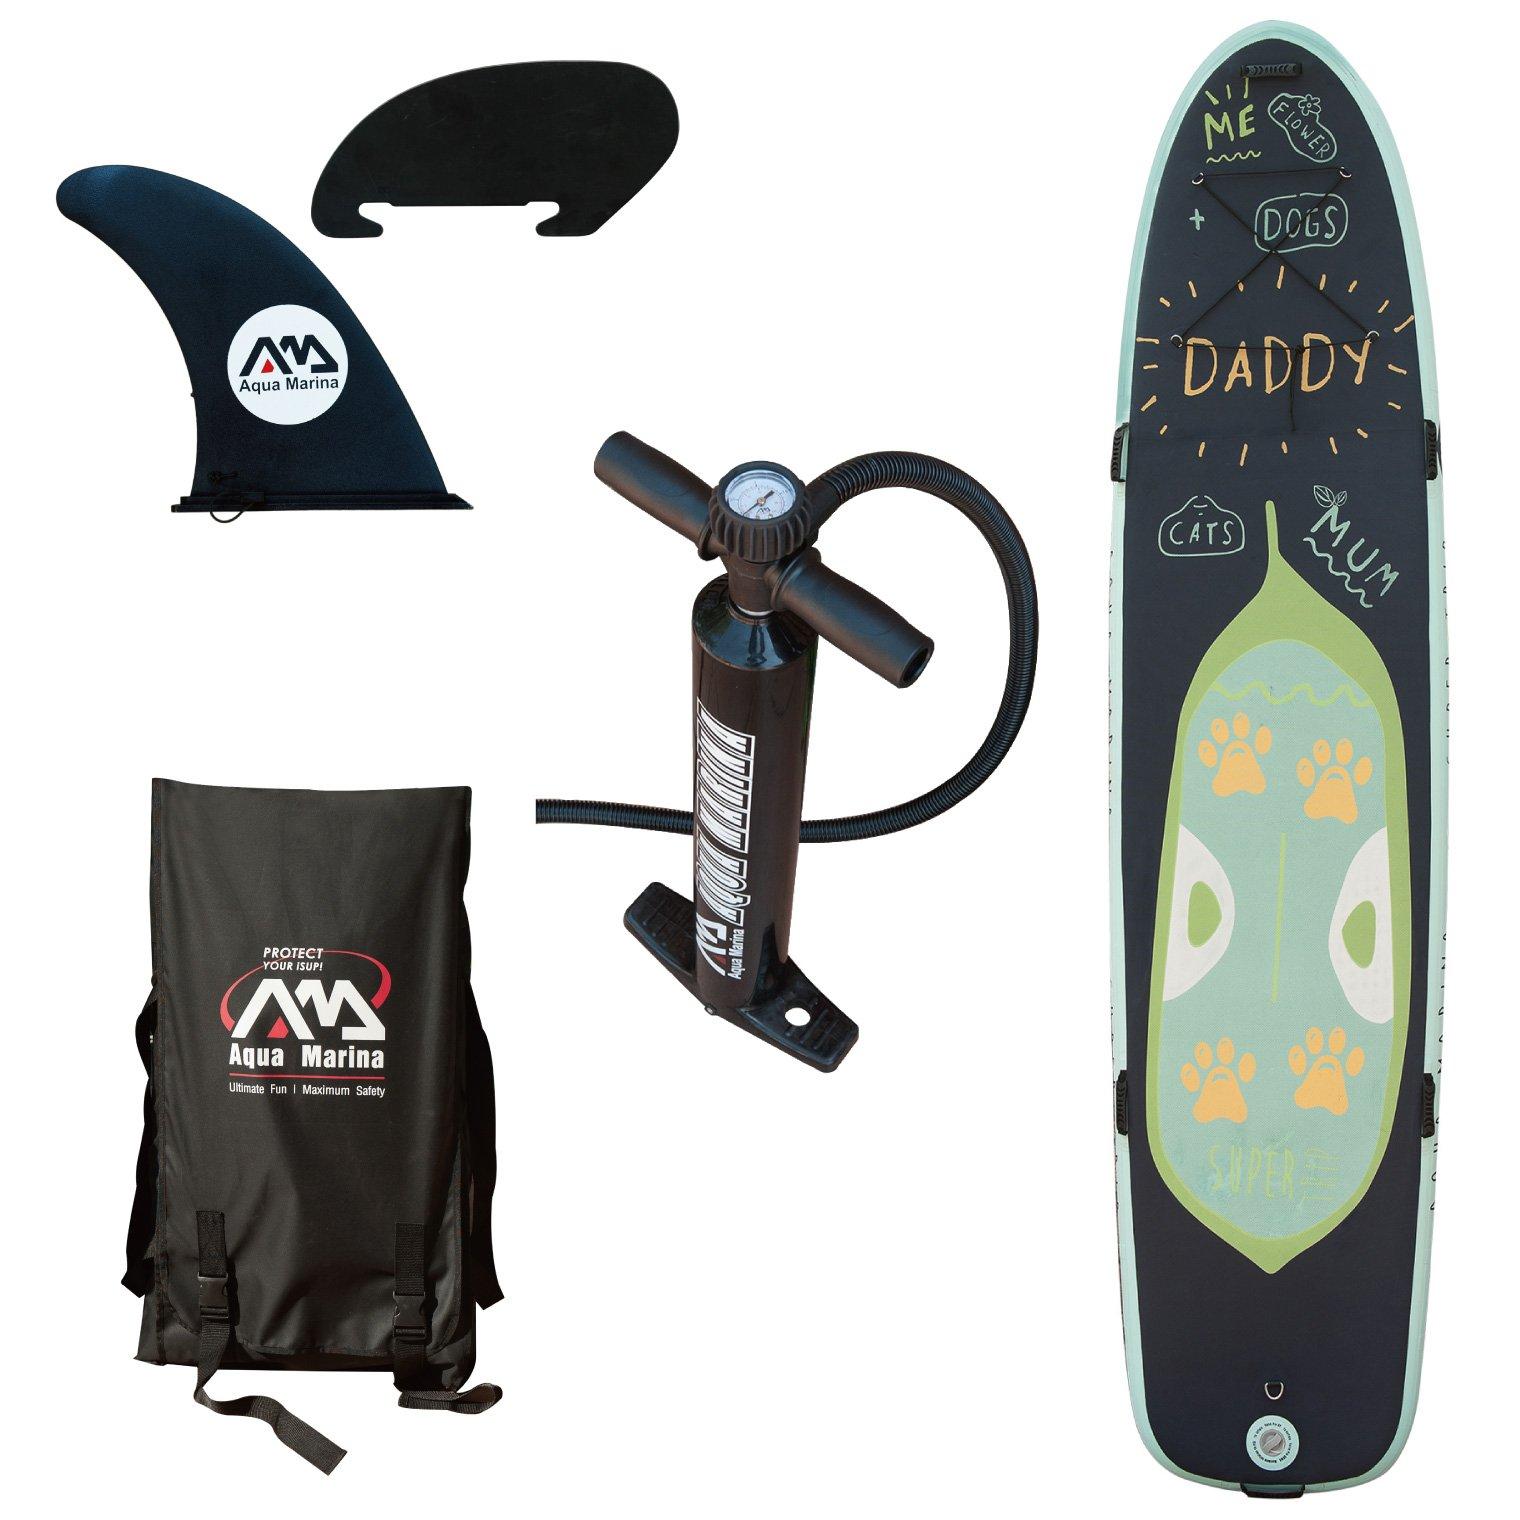 Aqua Marina Bt-88885 Super Trip Super Size, Super Fun Family Paddling Board, by Aqua Marina (Image #1)